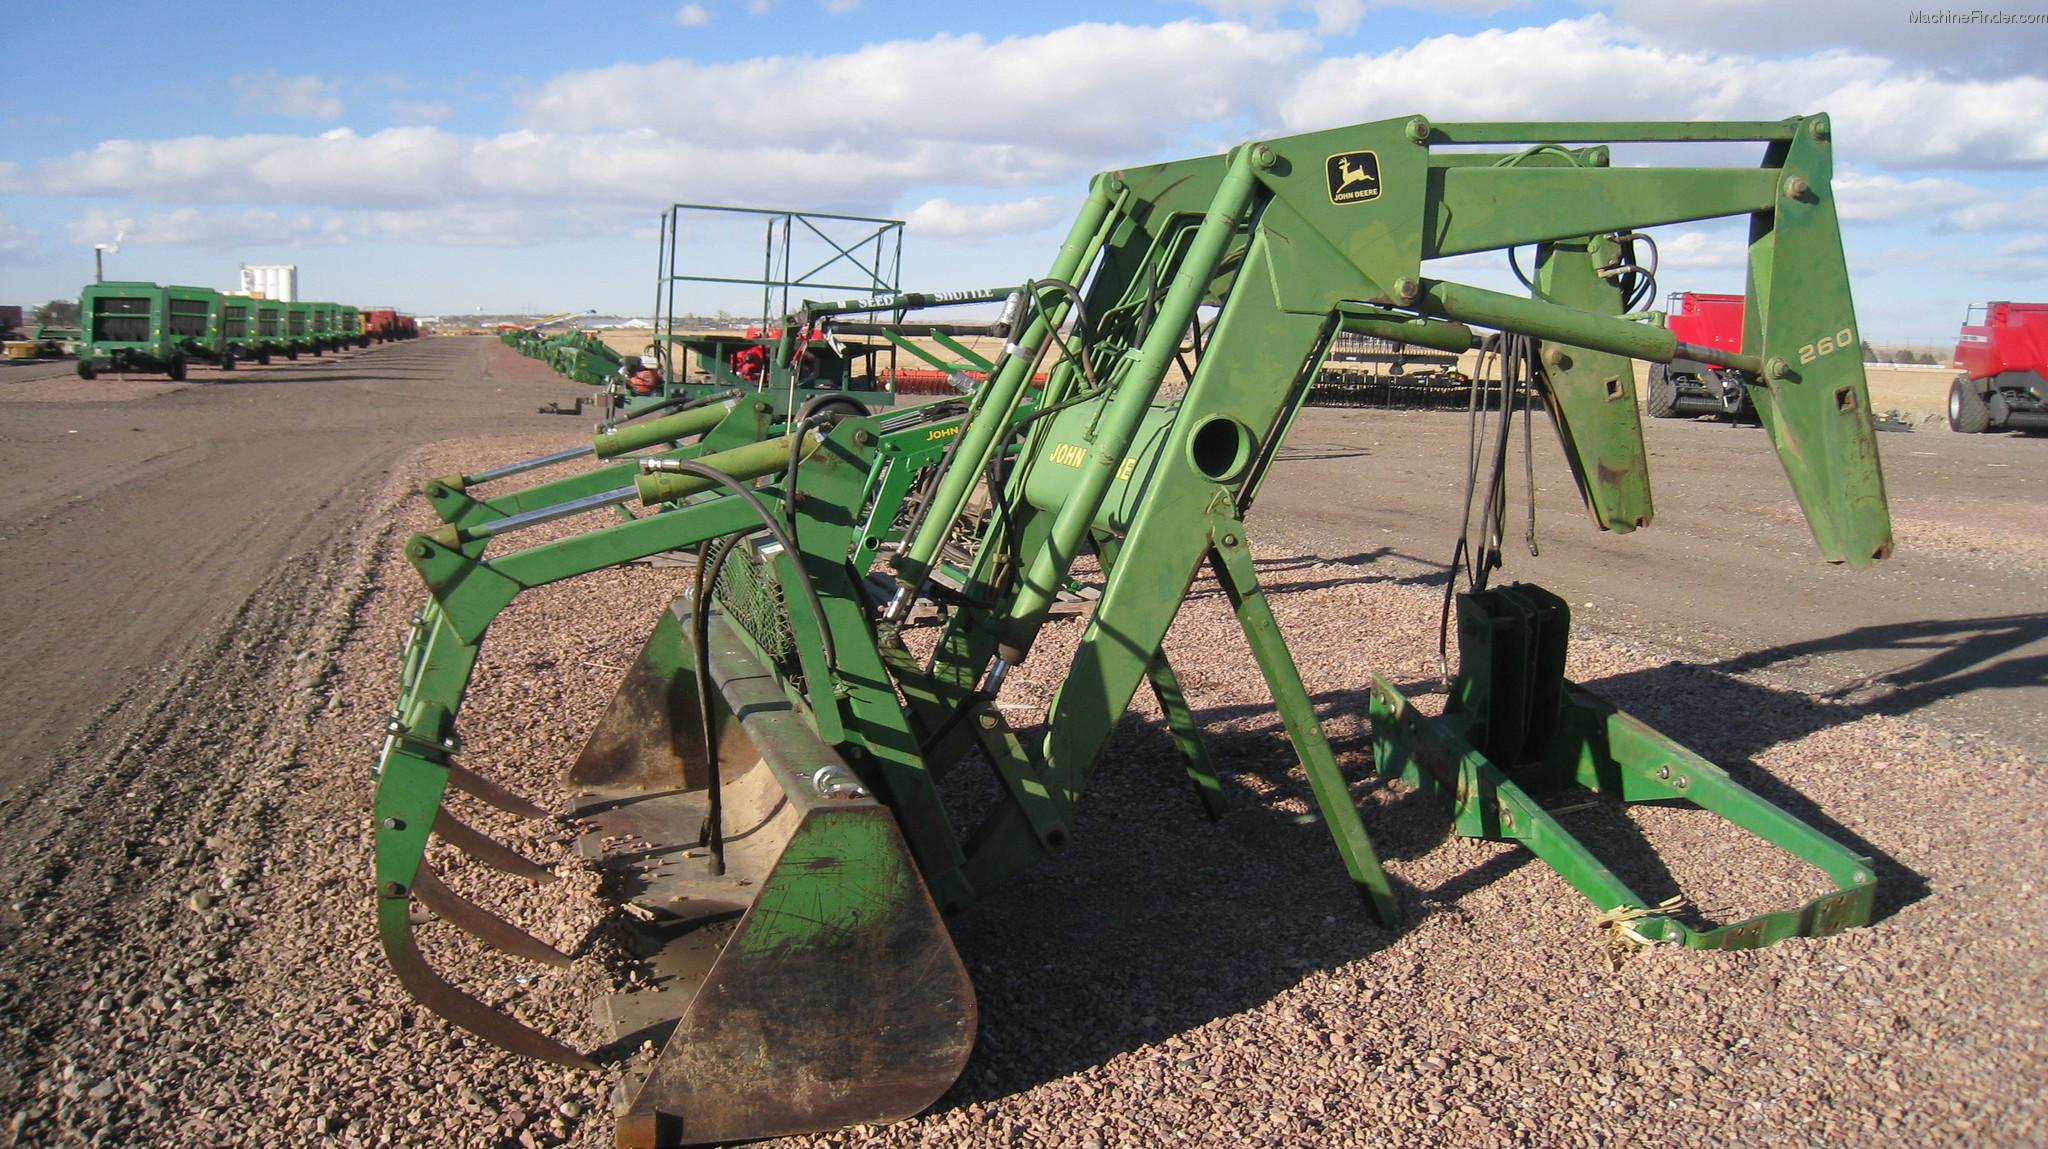 John Deere 260 Tractor Loaders - John Deere MachineFinder